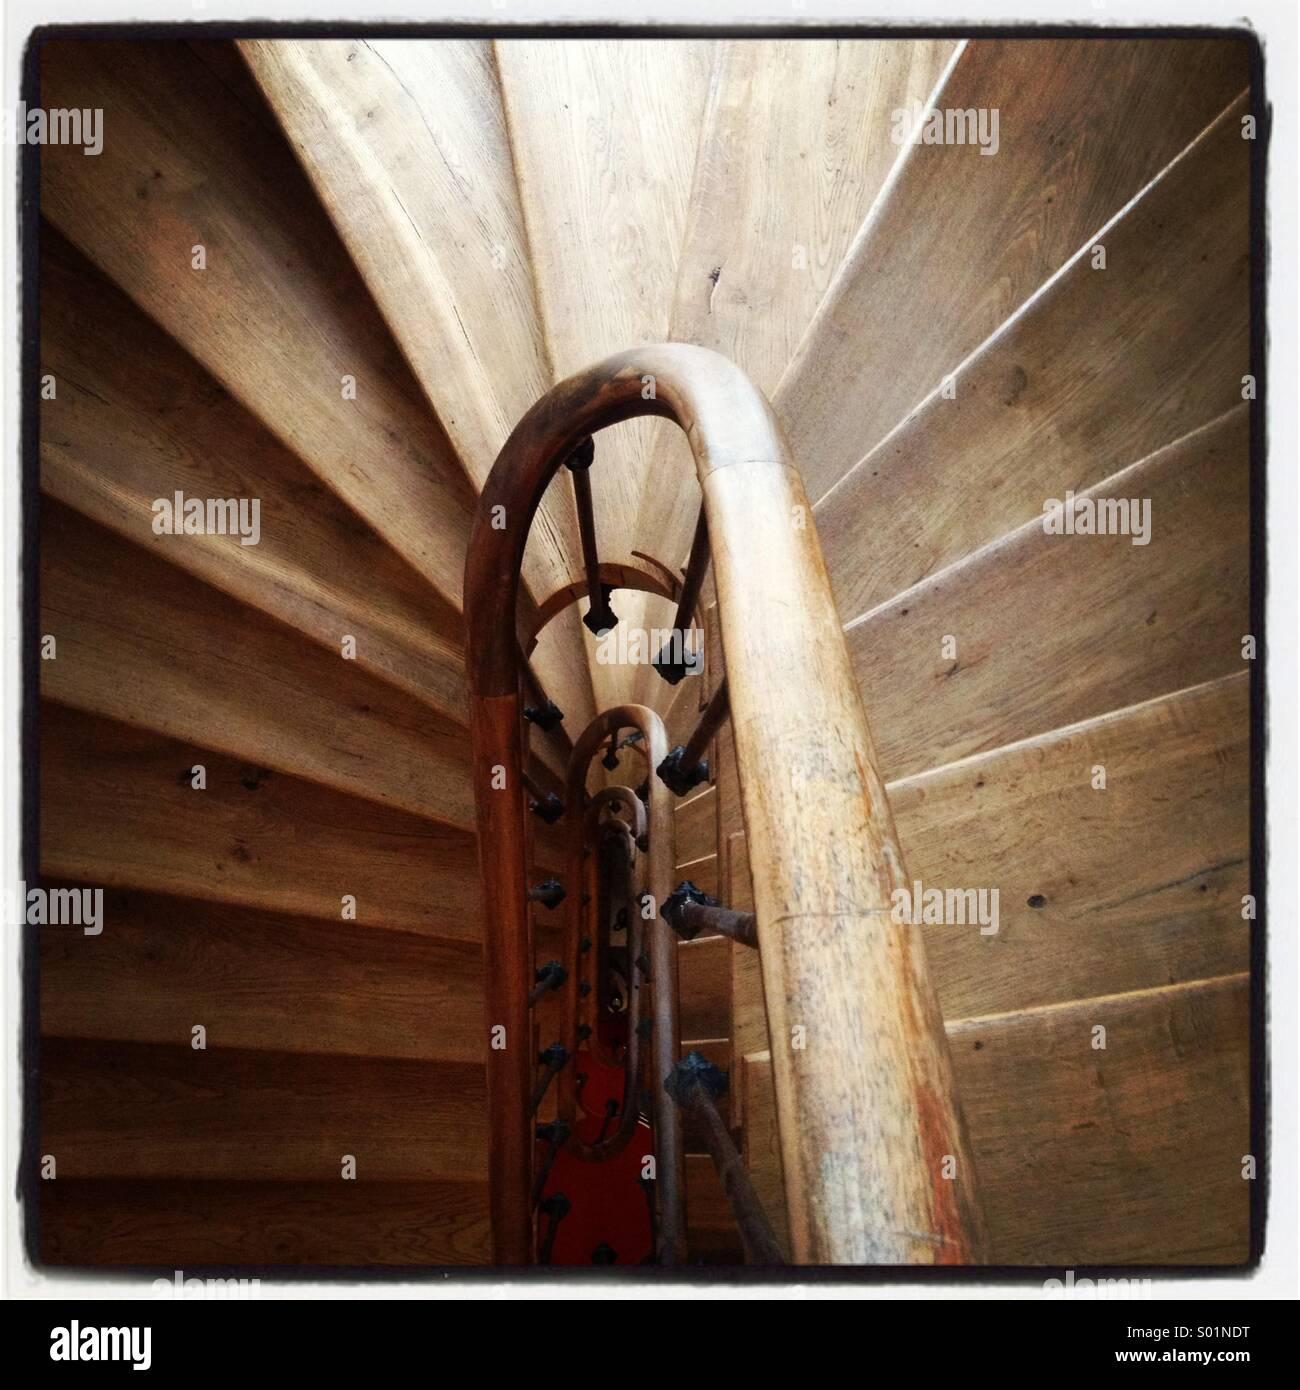 Un serpenteante escalera de madera Imagen De Stock